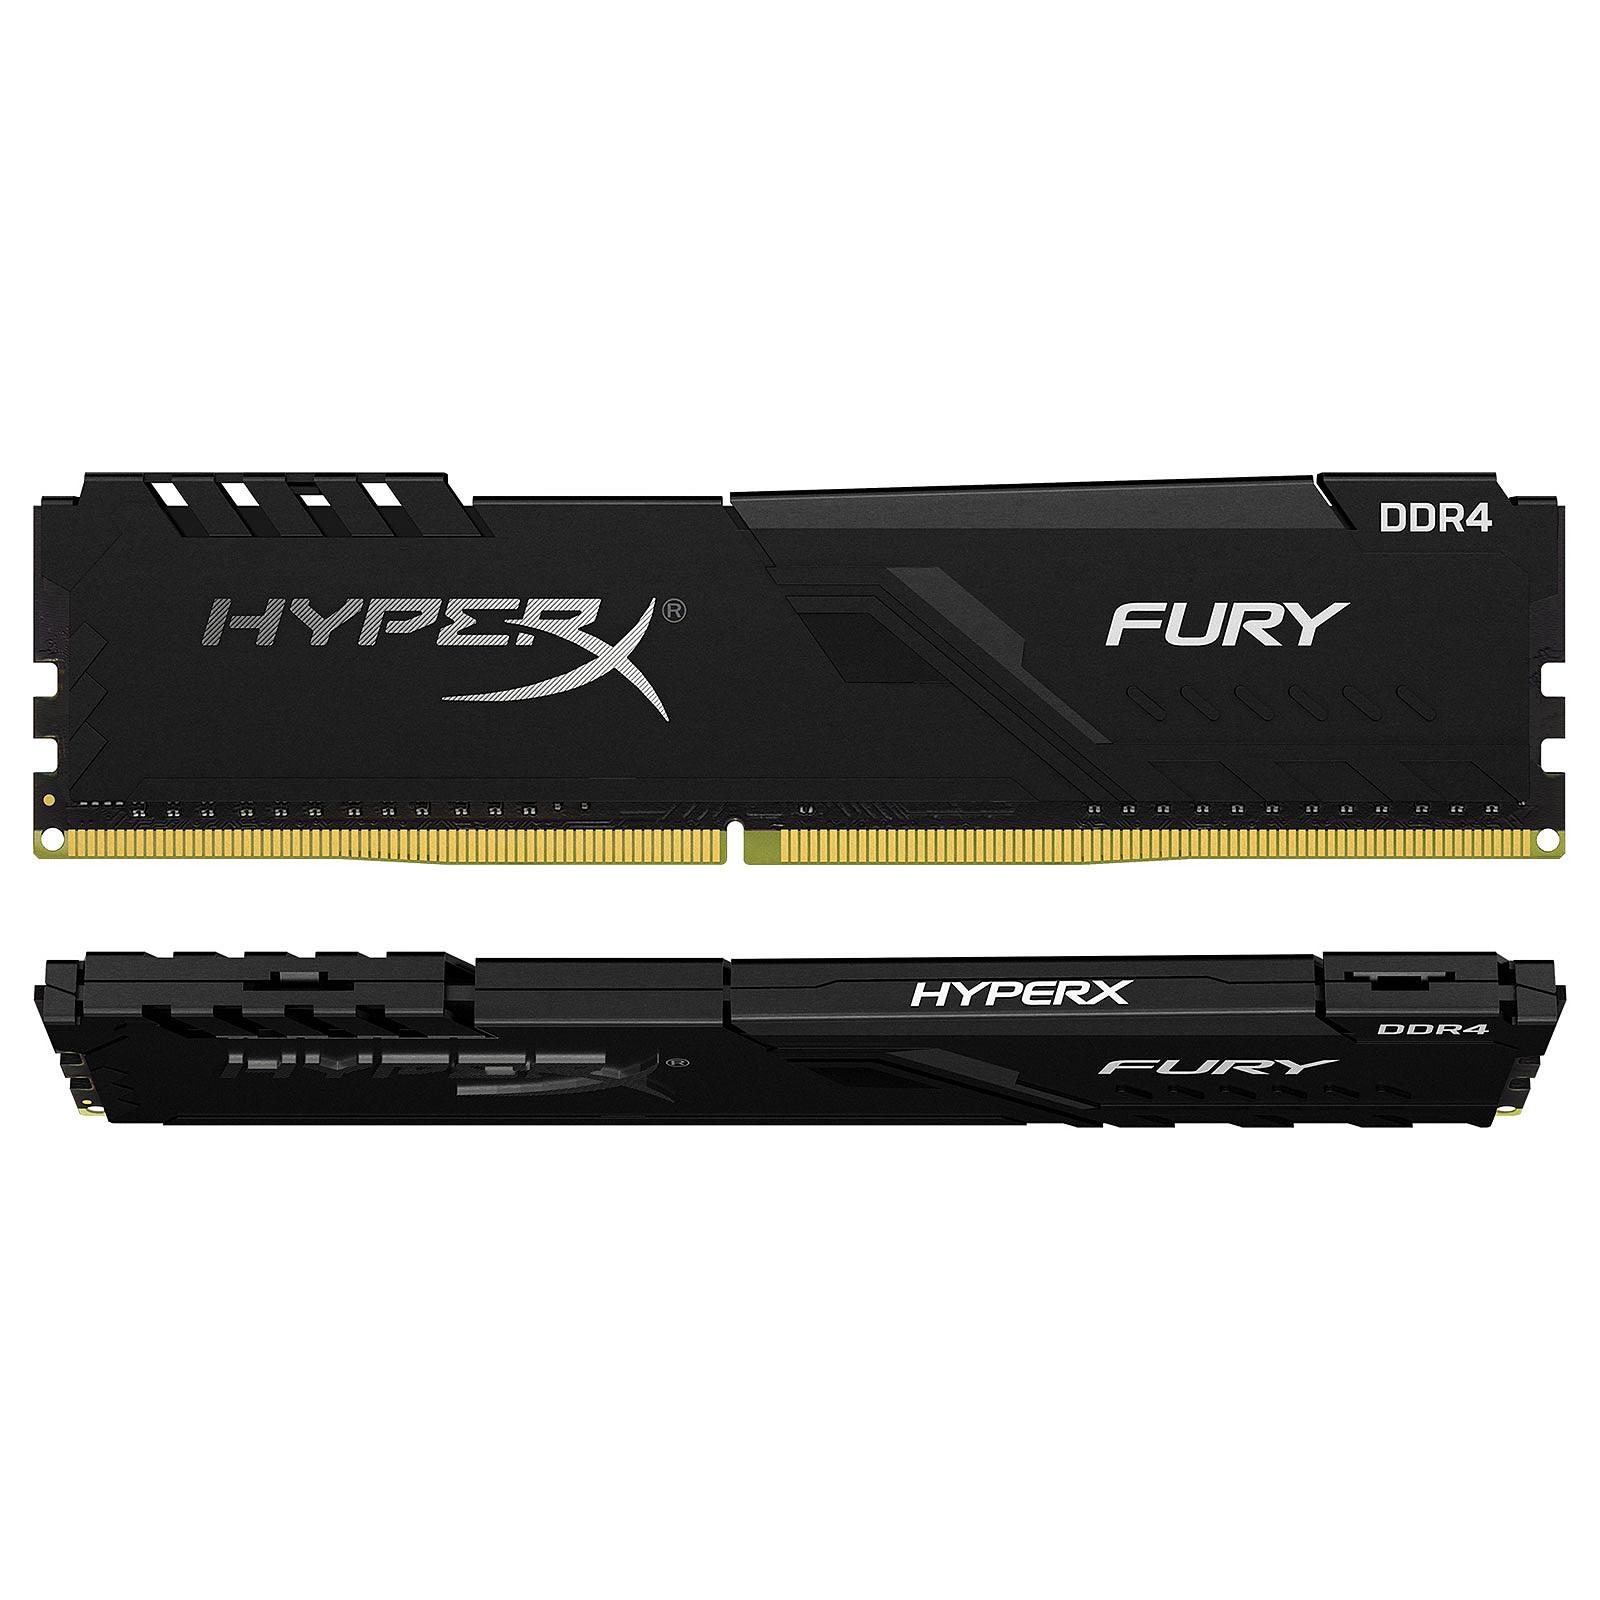 HyperX Fury 8 Go (2 x 4 Go) DDR4 2400 MHz CL15